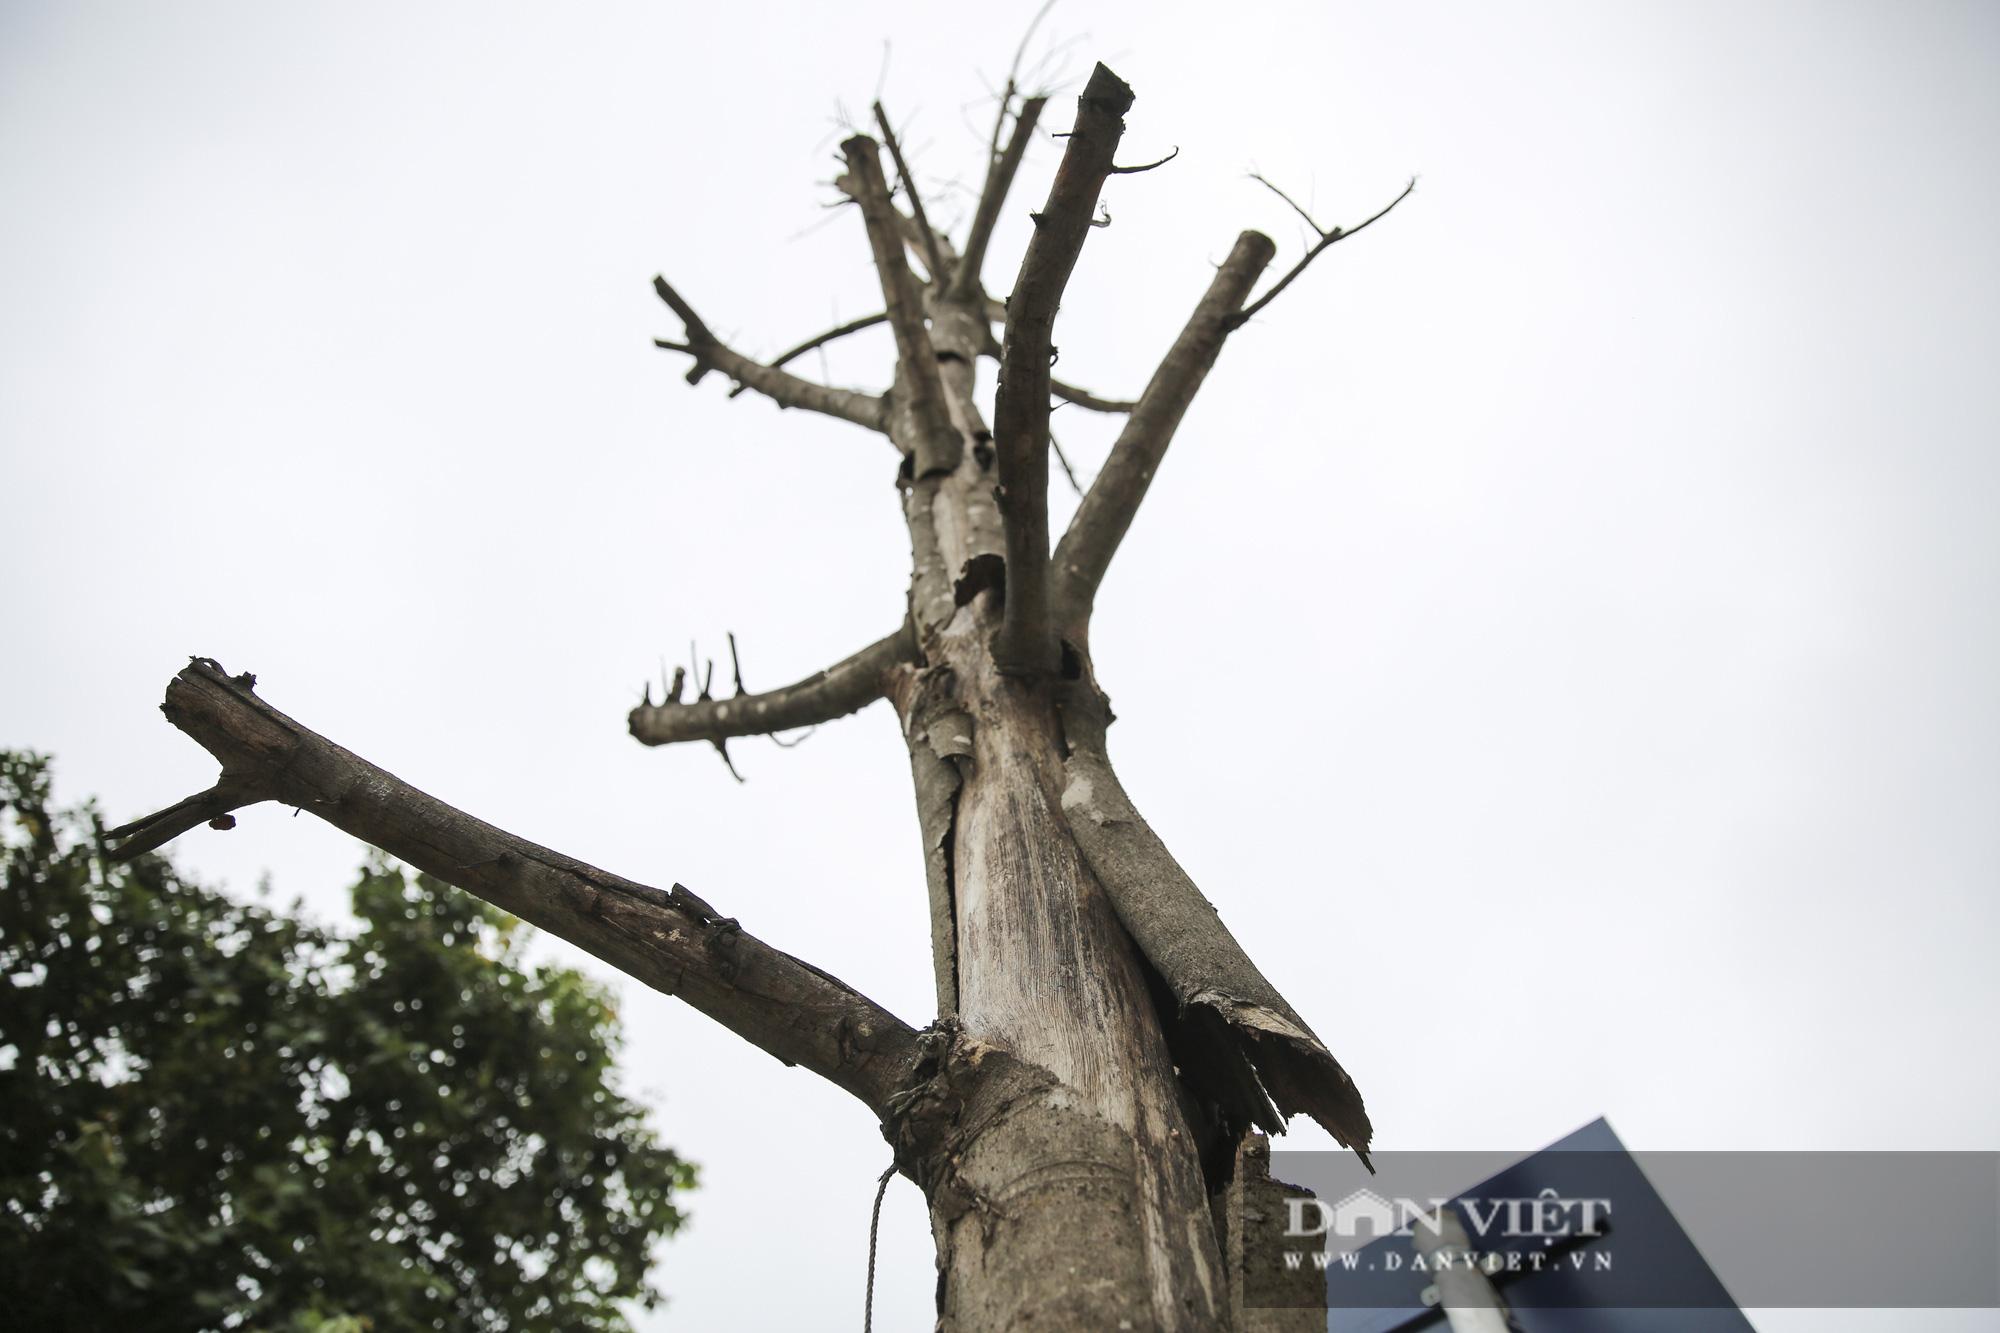 Hà Nội: Nhiều cây xanh trồng mới có dấu hiệu chết khô  - Ảnh 2.